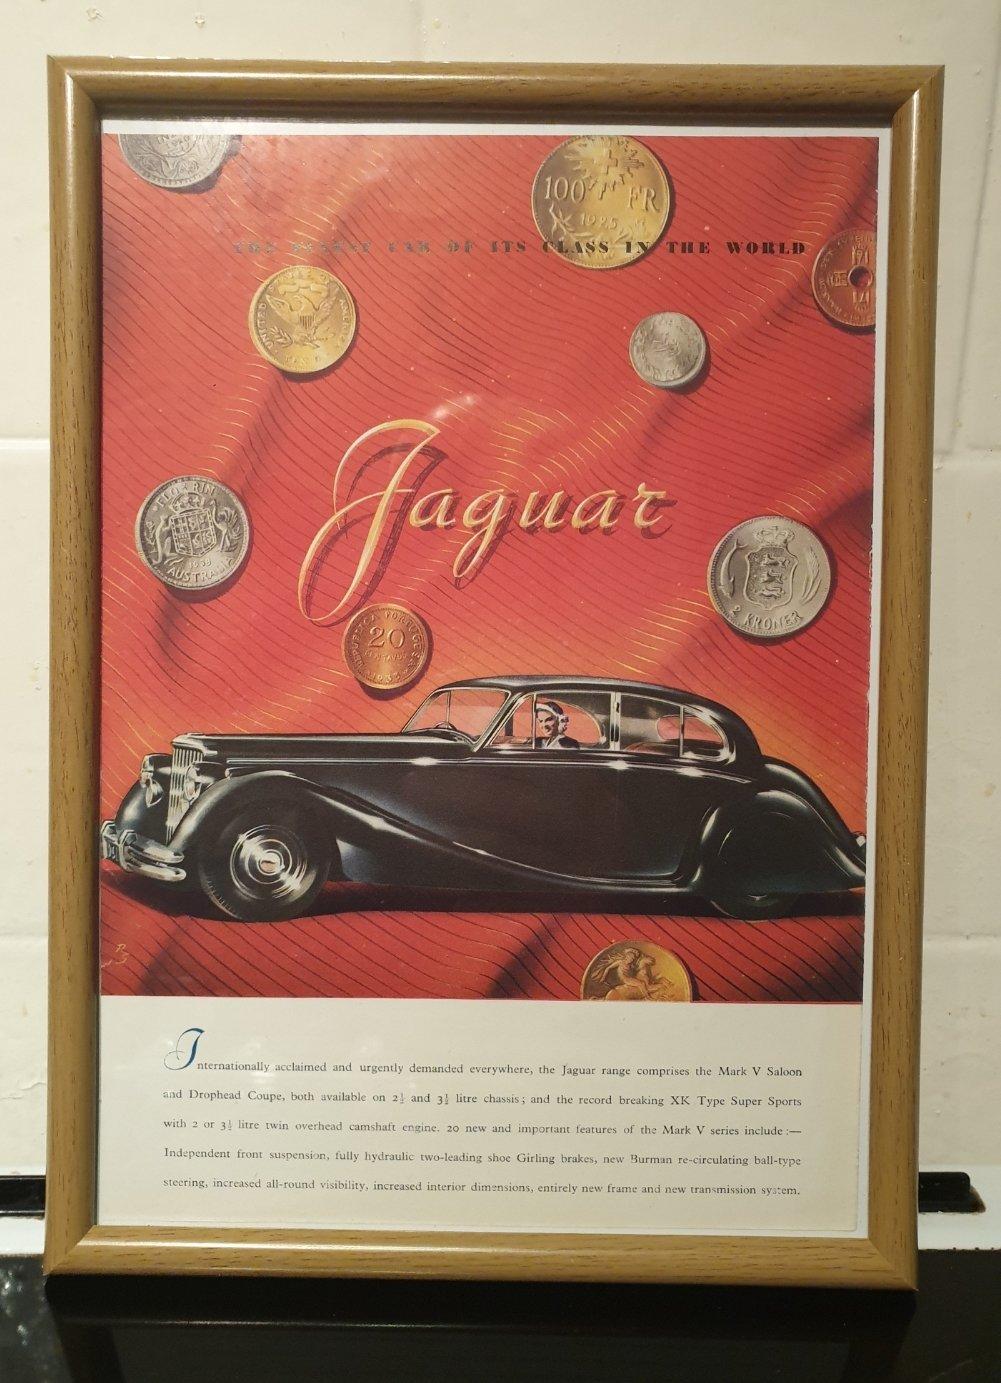 1949 Jaguar MK V Framed Advert Original  For Sale (picture 1 of 2)